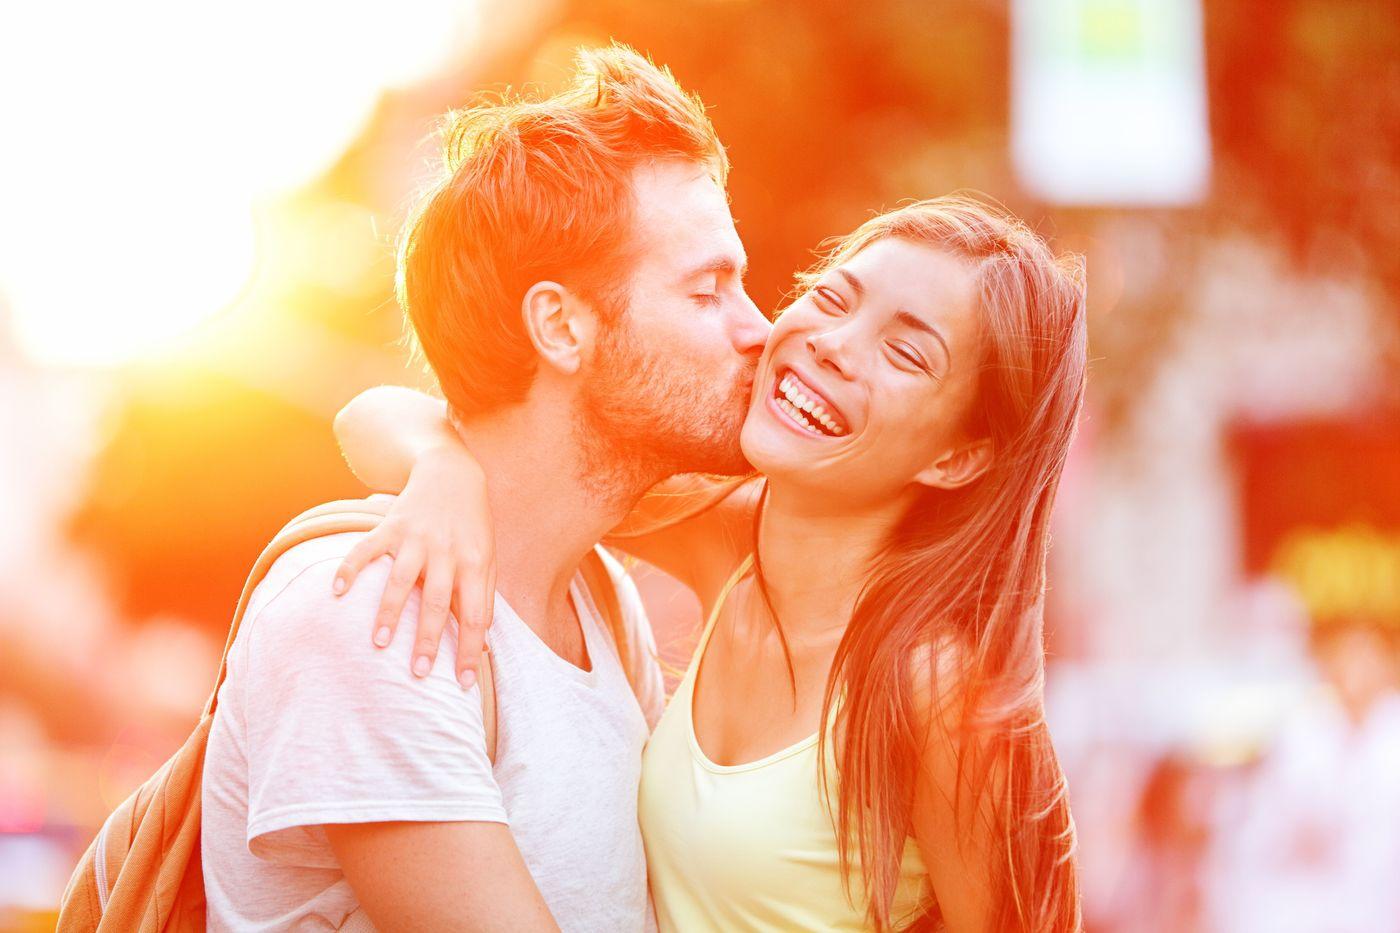 外国人カップルに学ぶ!ずっとラブラブなカップルになるためには?の3枚目の画像